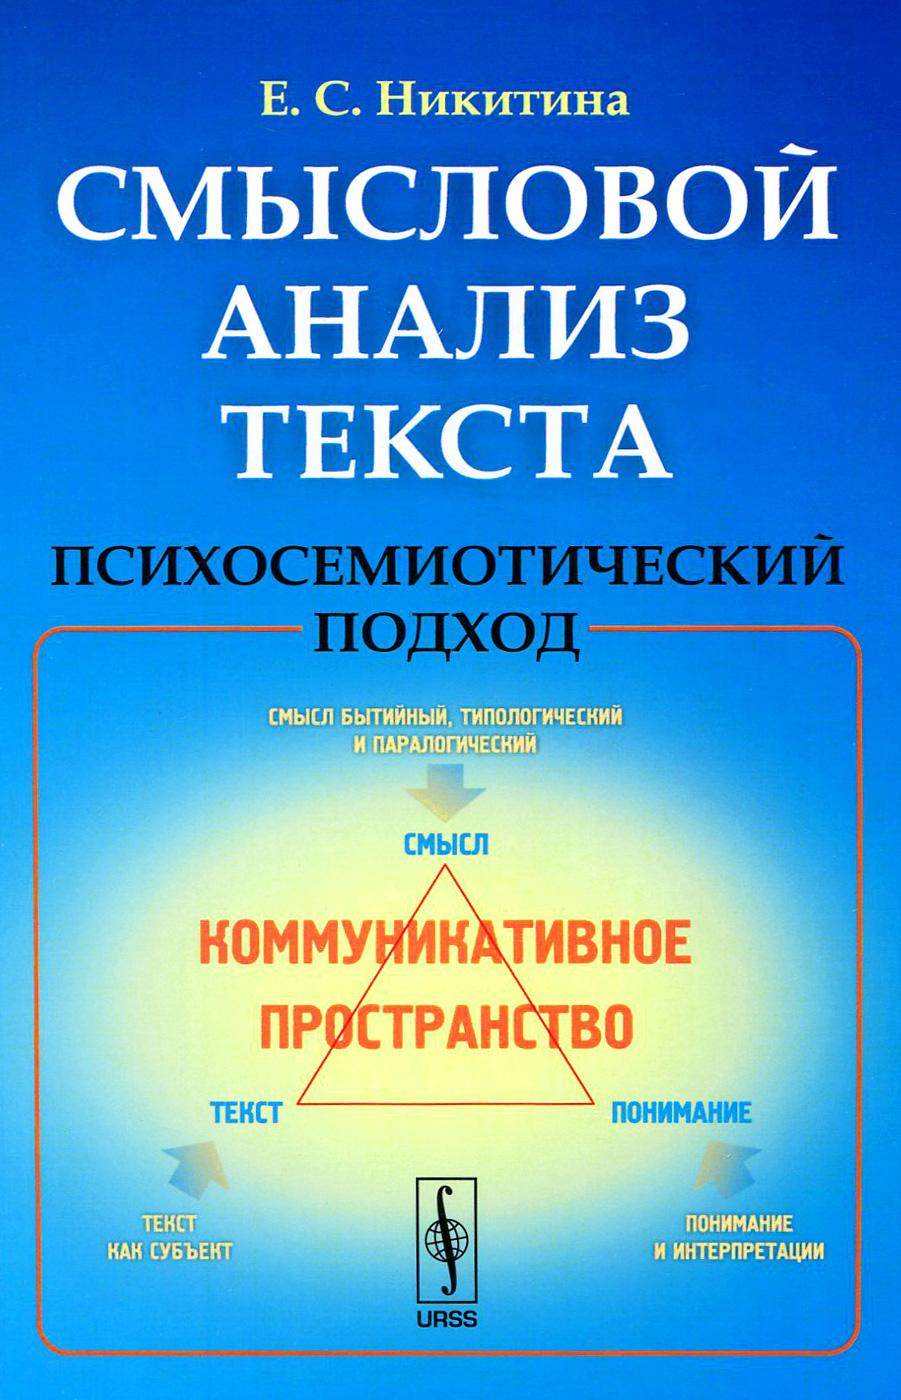 9785971025849 - Е. С. Никитина: Смысловой анализ текста. Психосемиотический подход - Книга